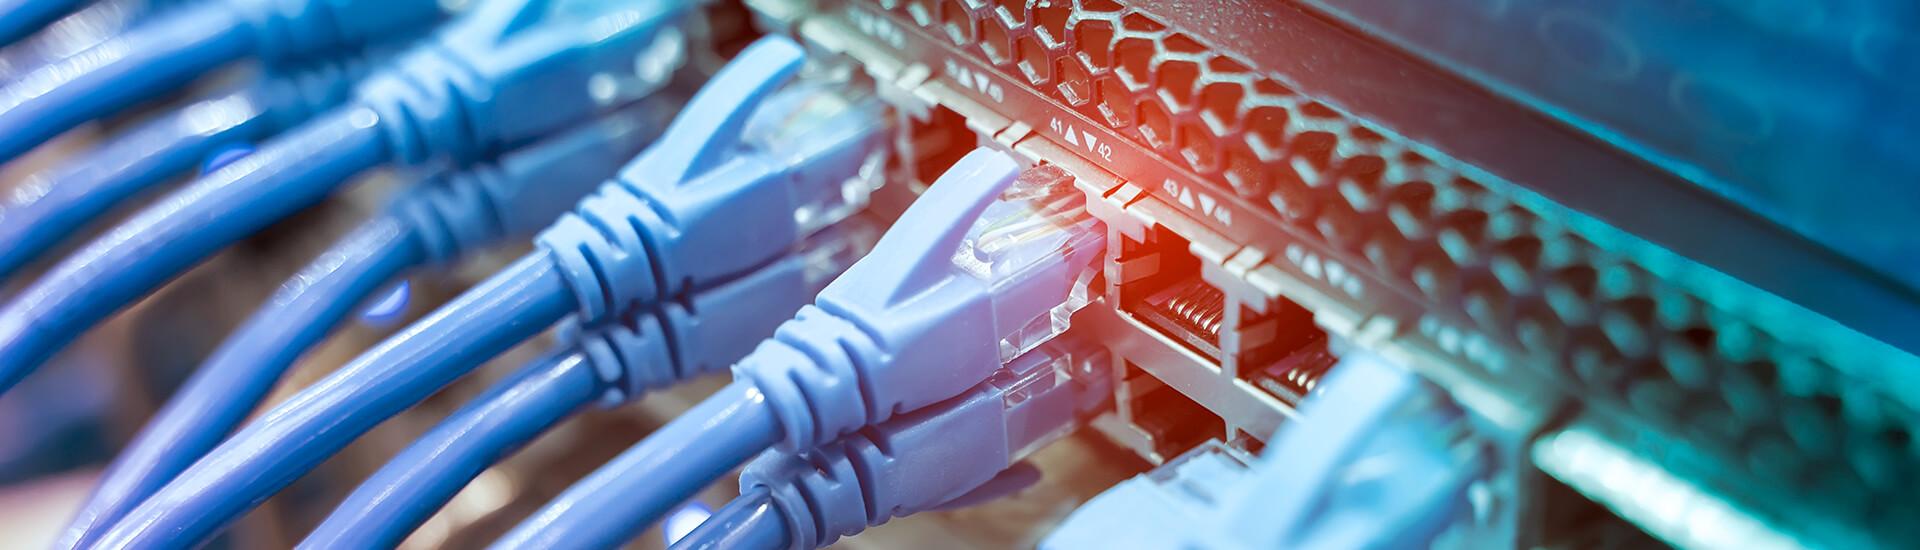 IT Services - 1